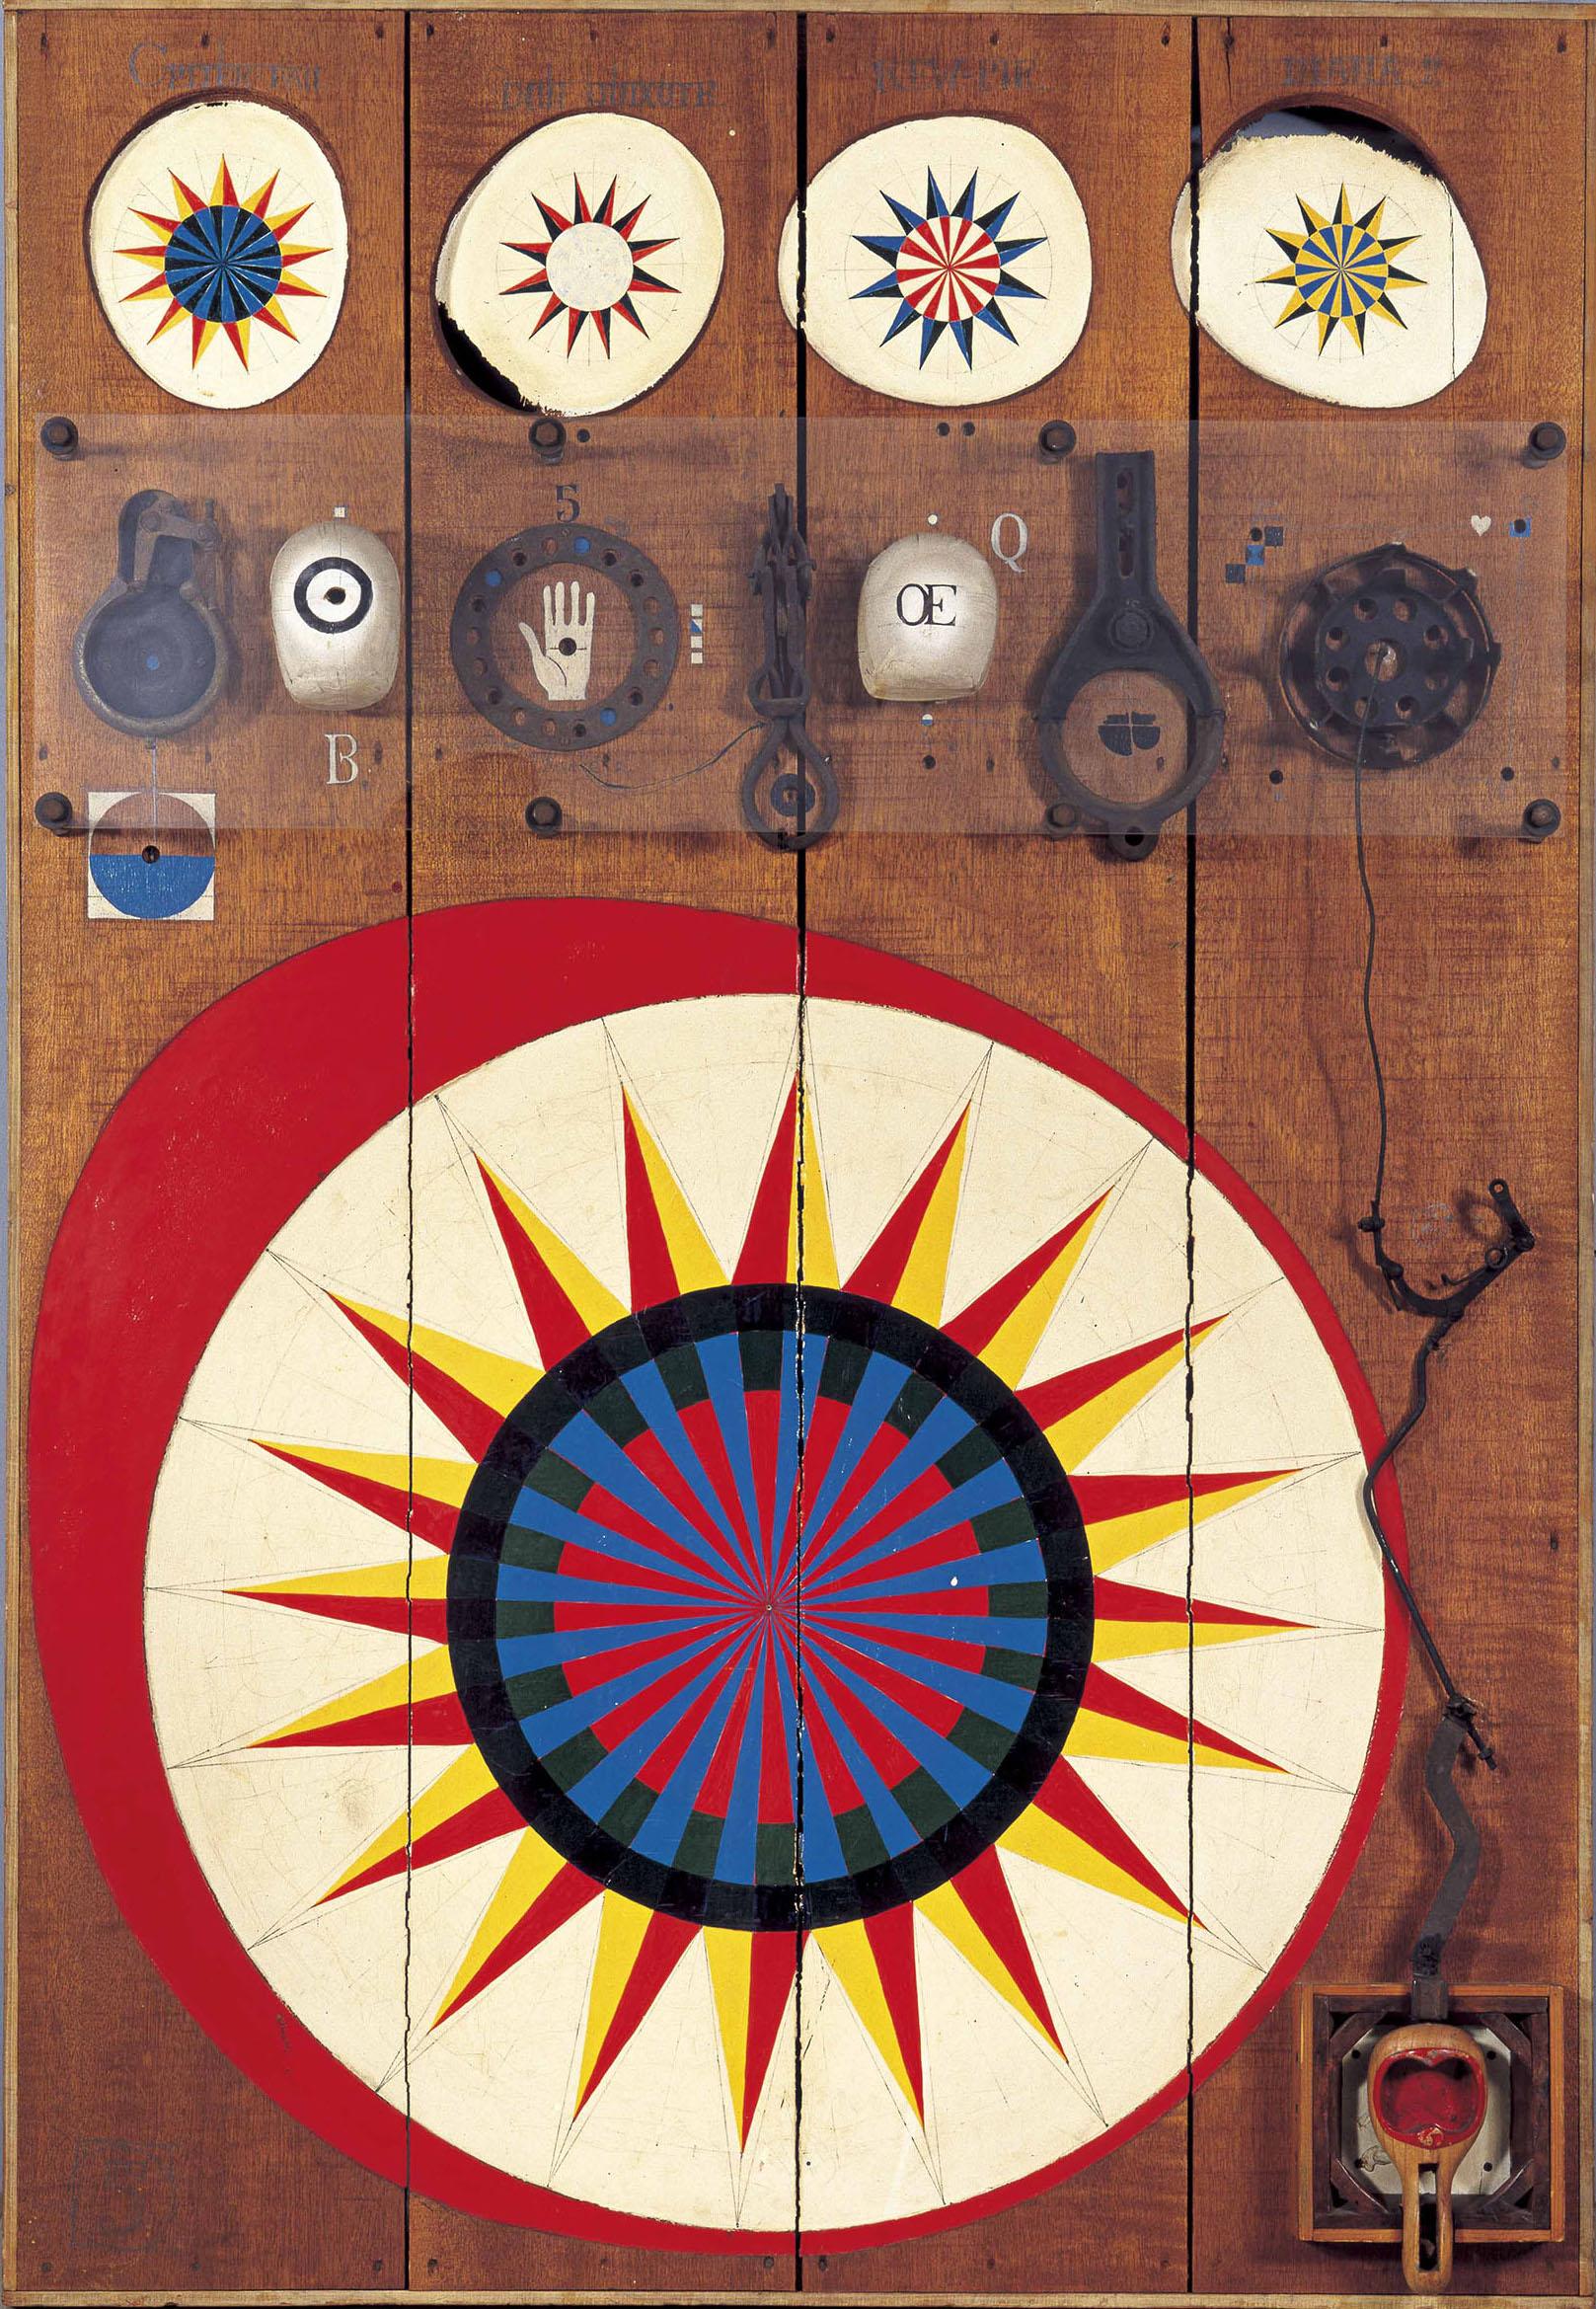 菊畑茂久馬<br /> 《ルーレットNo.1》1964年<br /> 福岡市美術館蔵